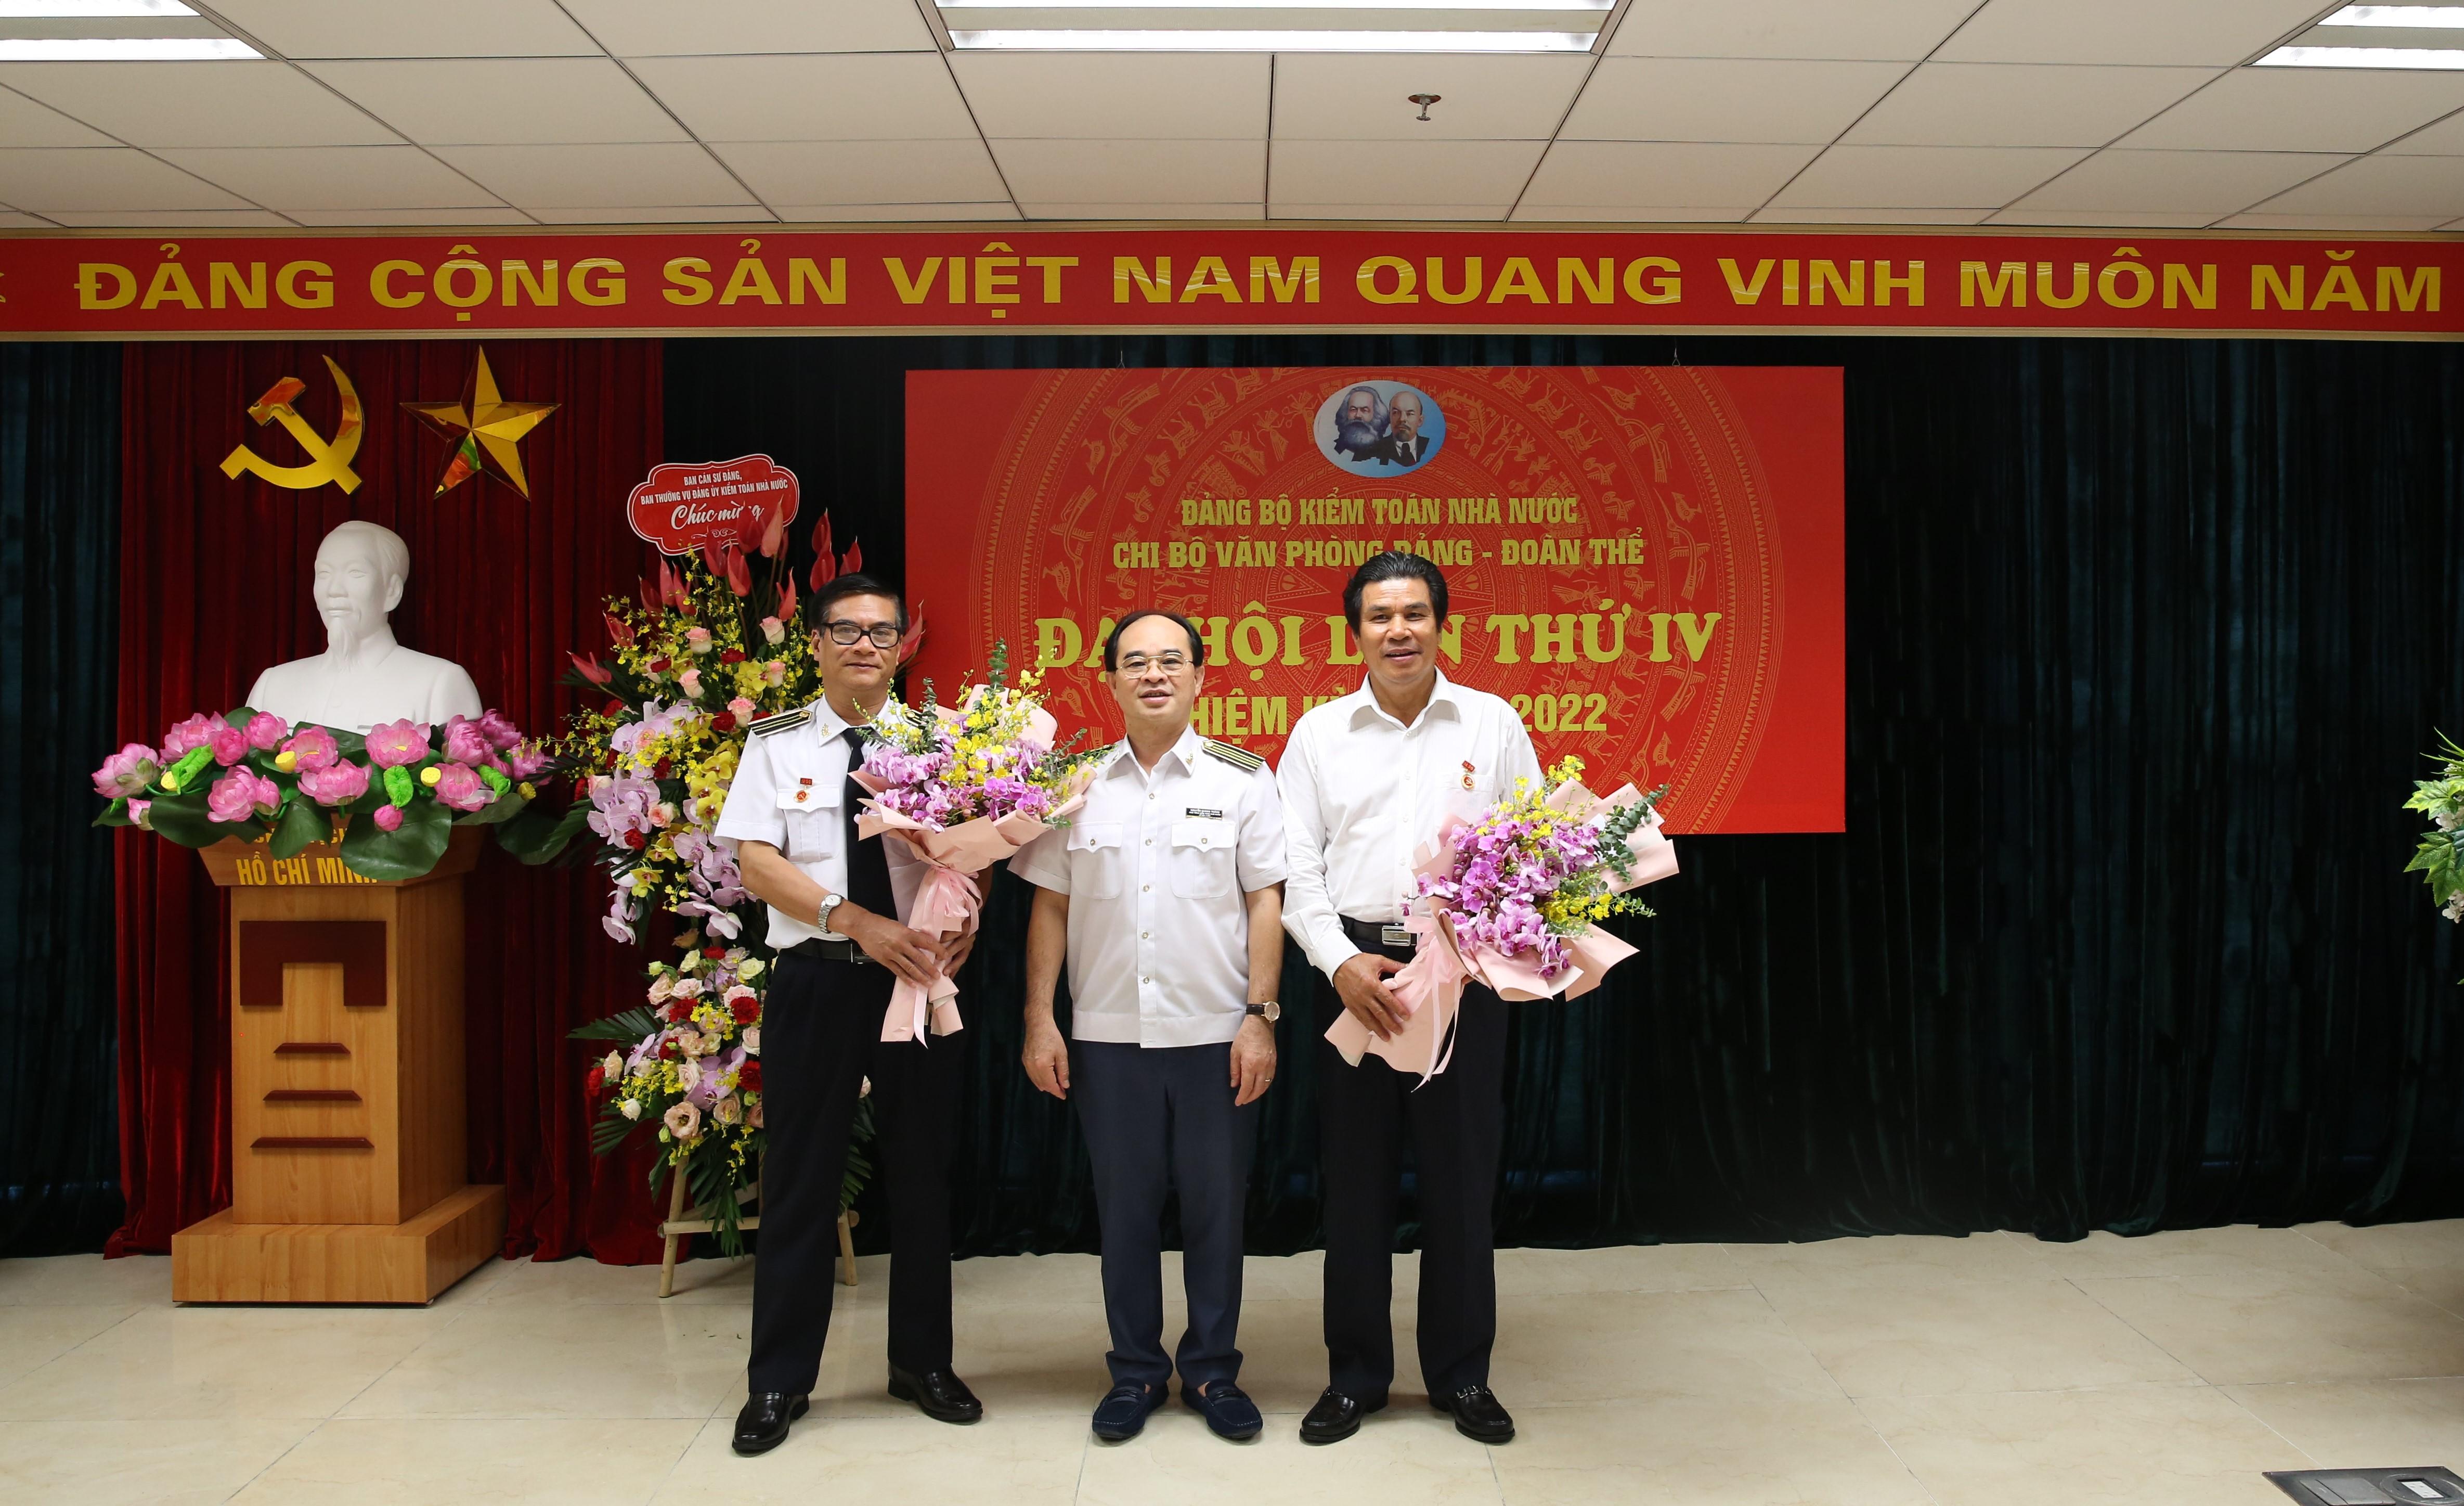 Đảng bộ Kiểm toán Nhà nước có thêm ba đảng viên vinh dự nhận Huy hiệu 30 năm tuổi Đảng